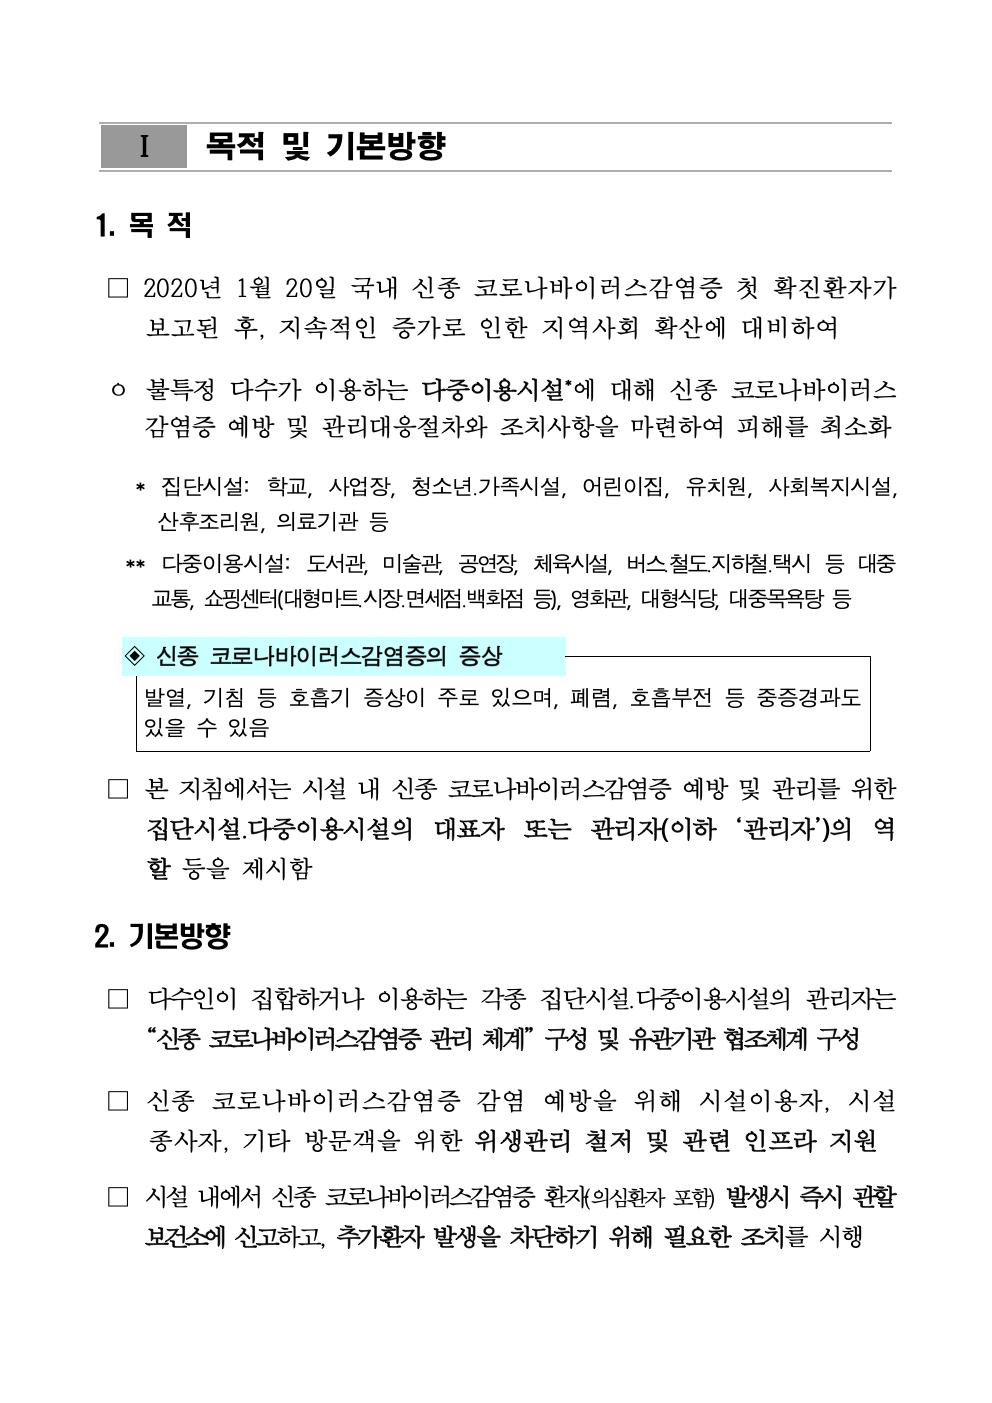 춘교 20-016호 「코로나 바이러스 감염증-19」의 확진자 급증에 따른 권고사항005.jpg